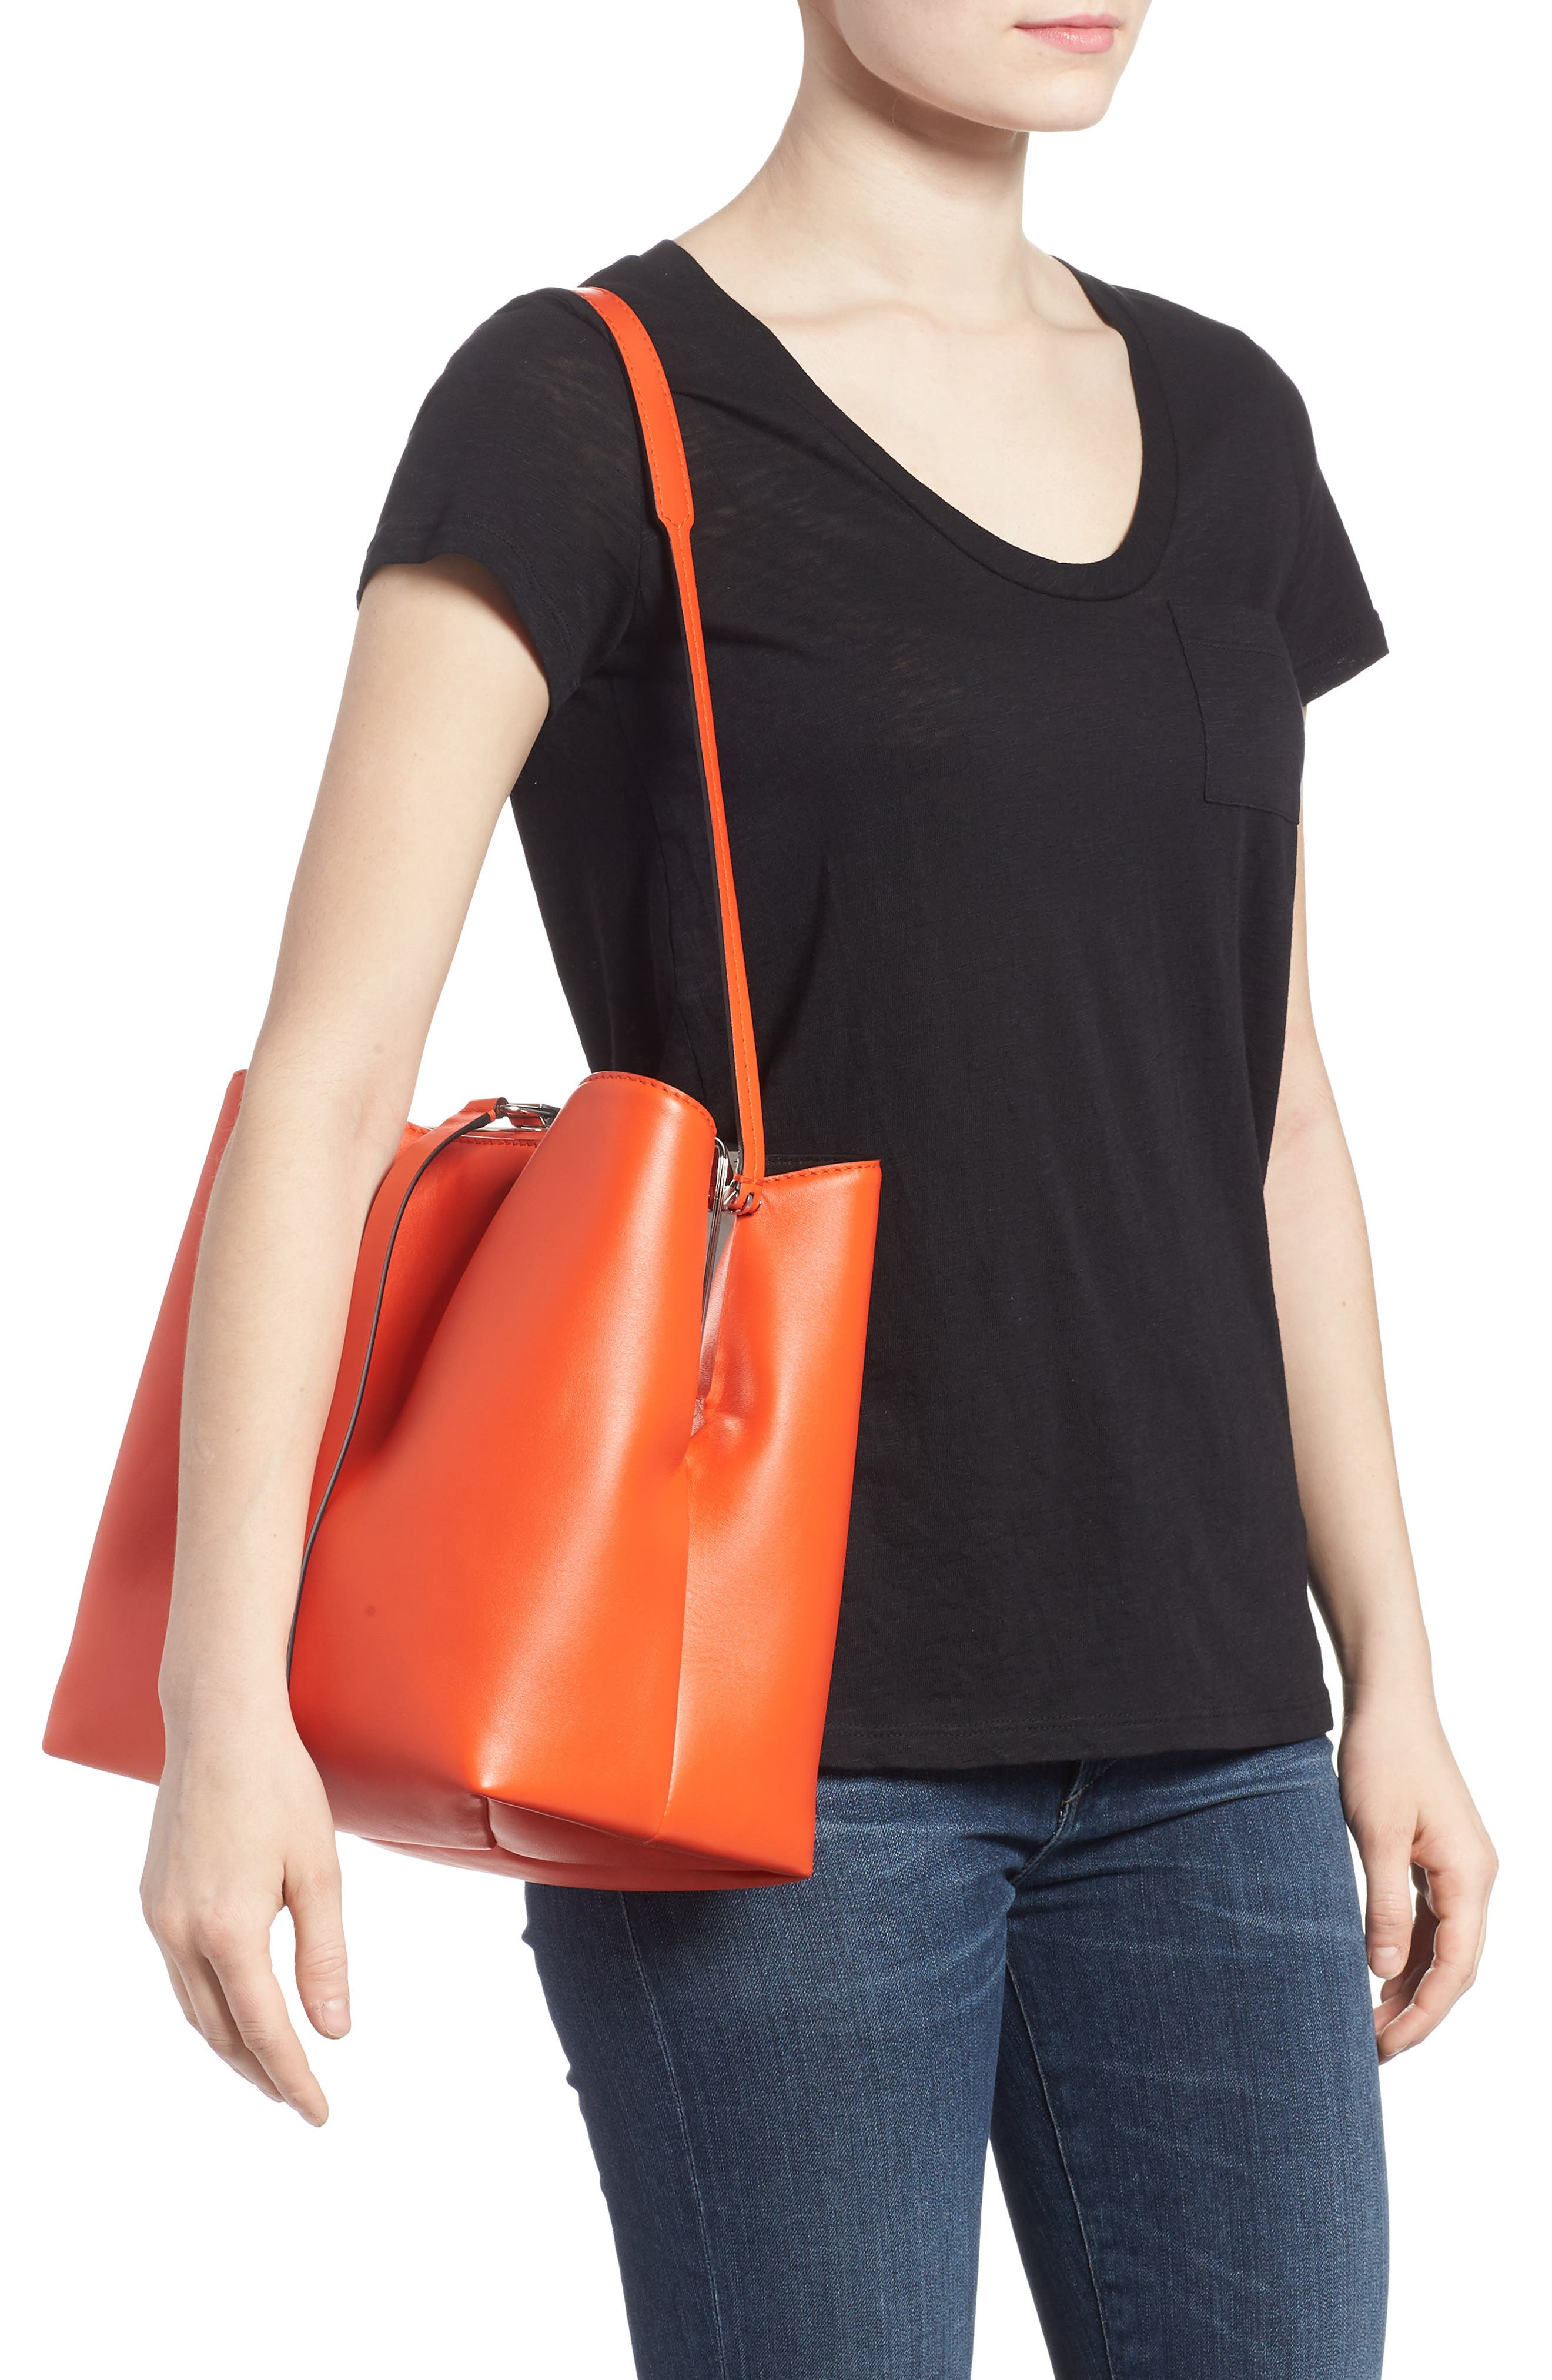 Frame Leather Shoulder Bag,                             Alternate thumbnail 2, color,                             Orange